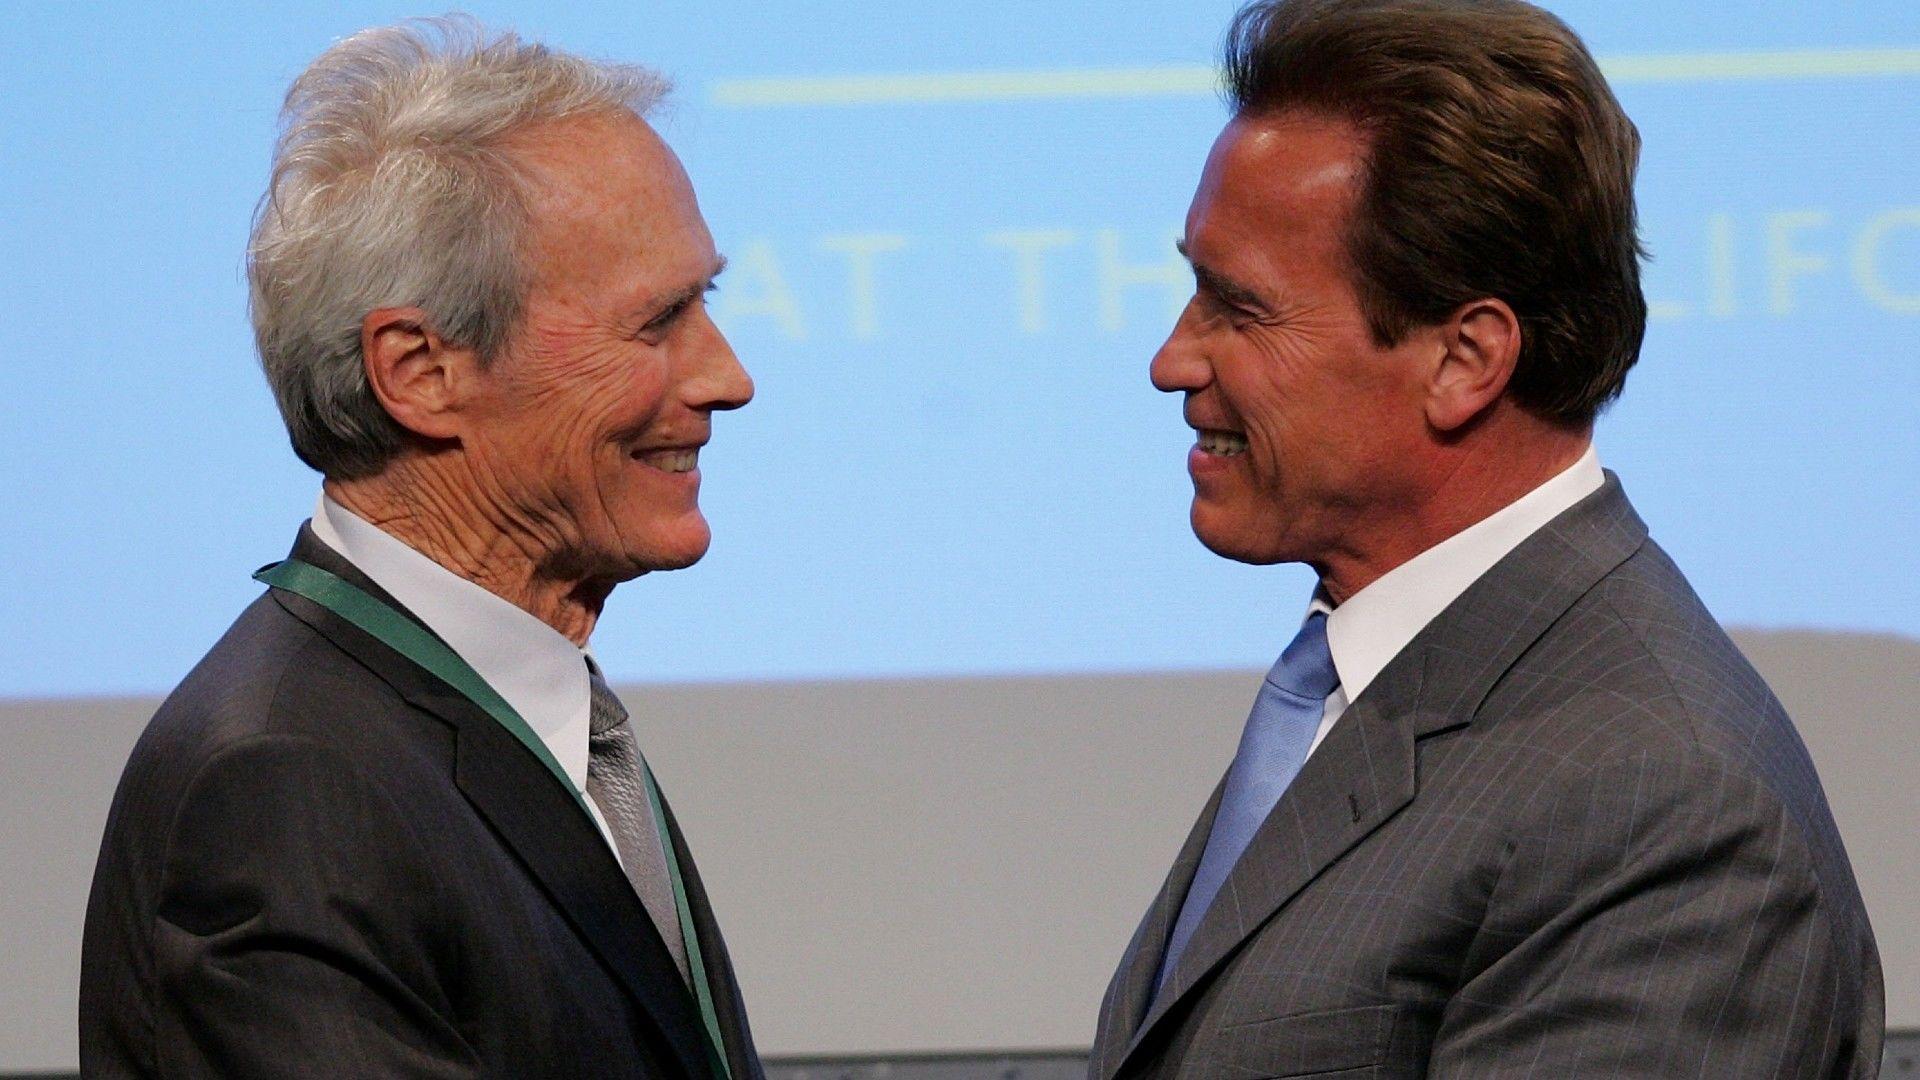 Gruppenszex lehet Schwarzenegger veszte, Schwarzenegger péniszét